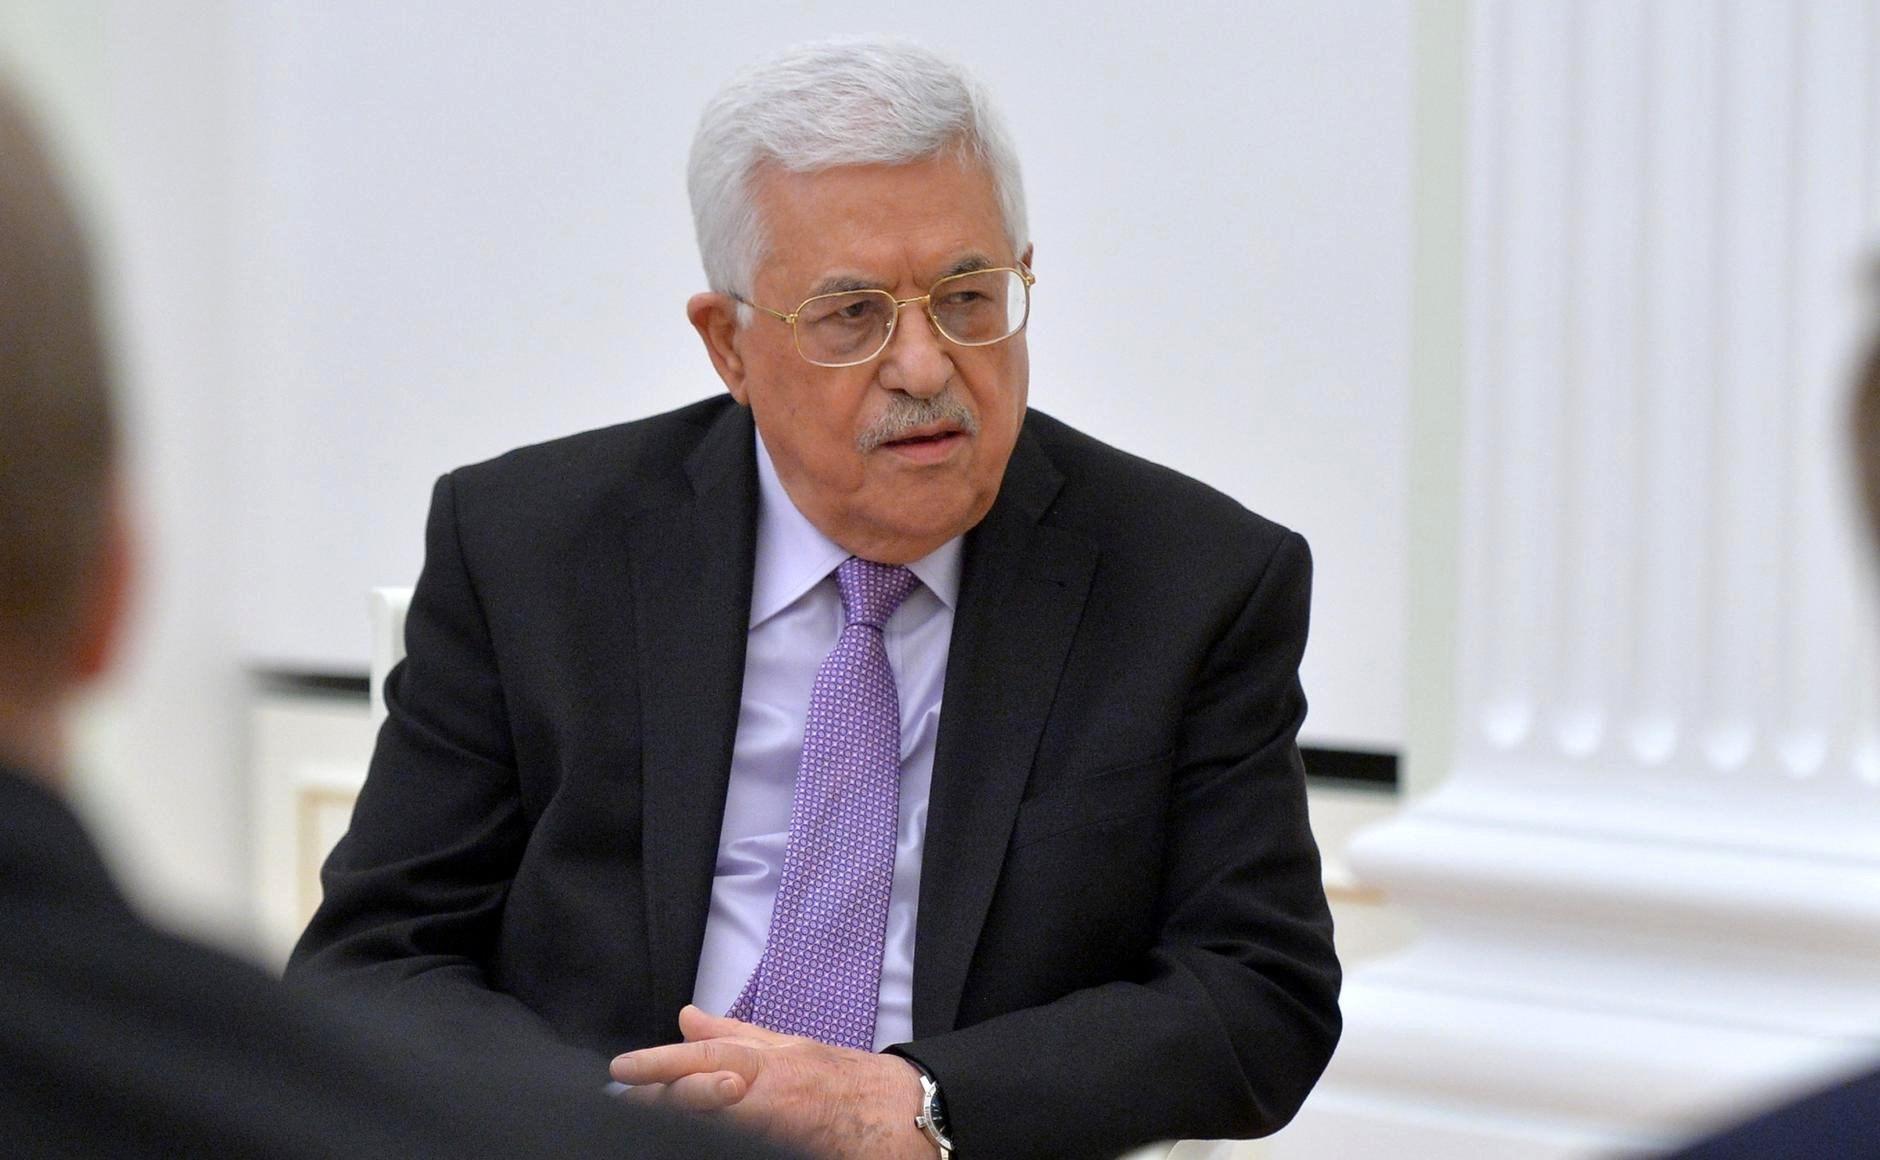 مصادر الميادين: من المتوقع إصدار المرسوم الرئاسي من قِبل الرئيس محمود عباس خلال أيام بشأن إجراء انتخابات فلسطينية